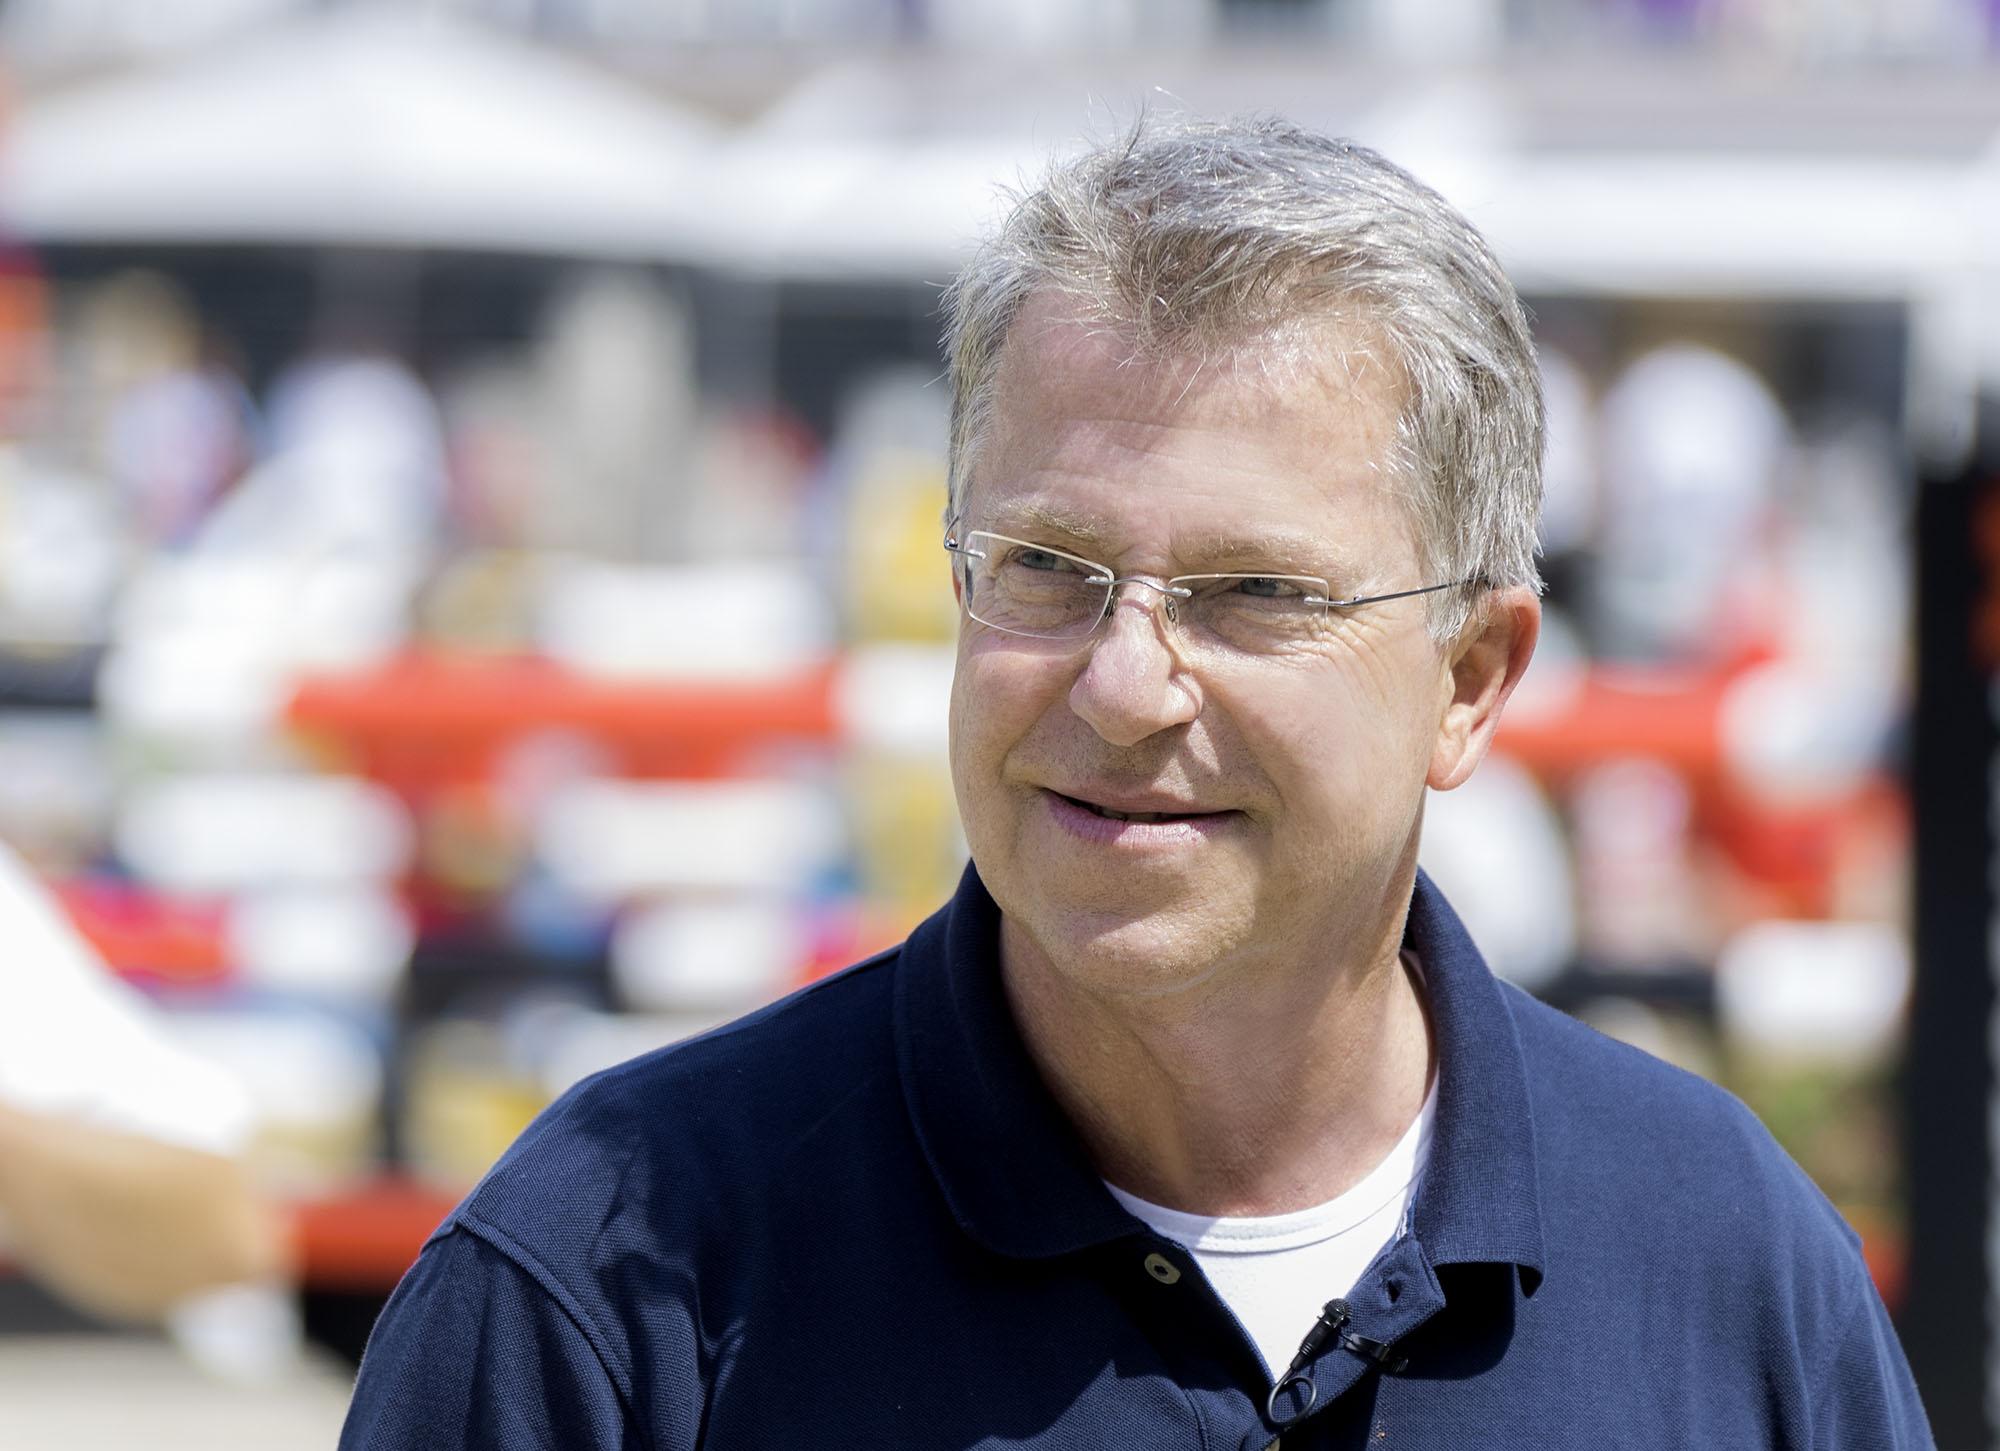 Carsten Sostmeier